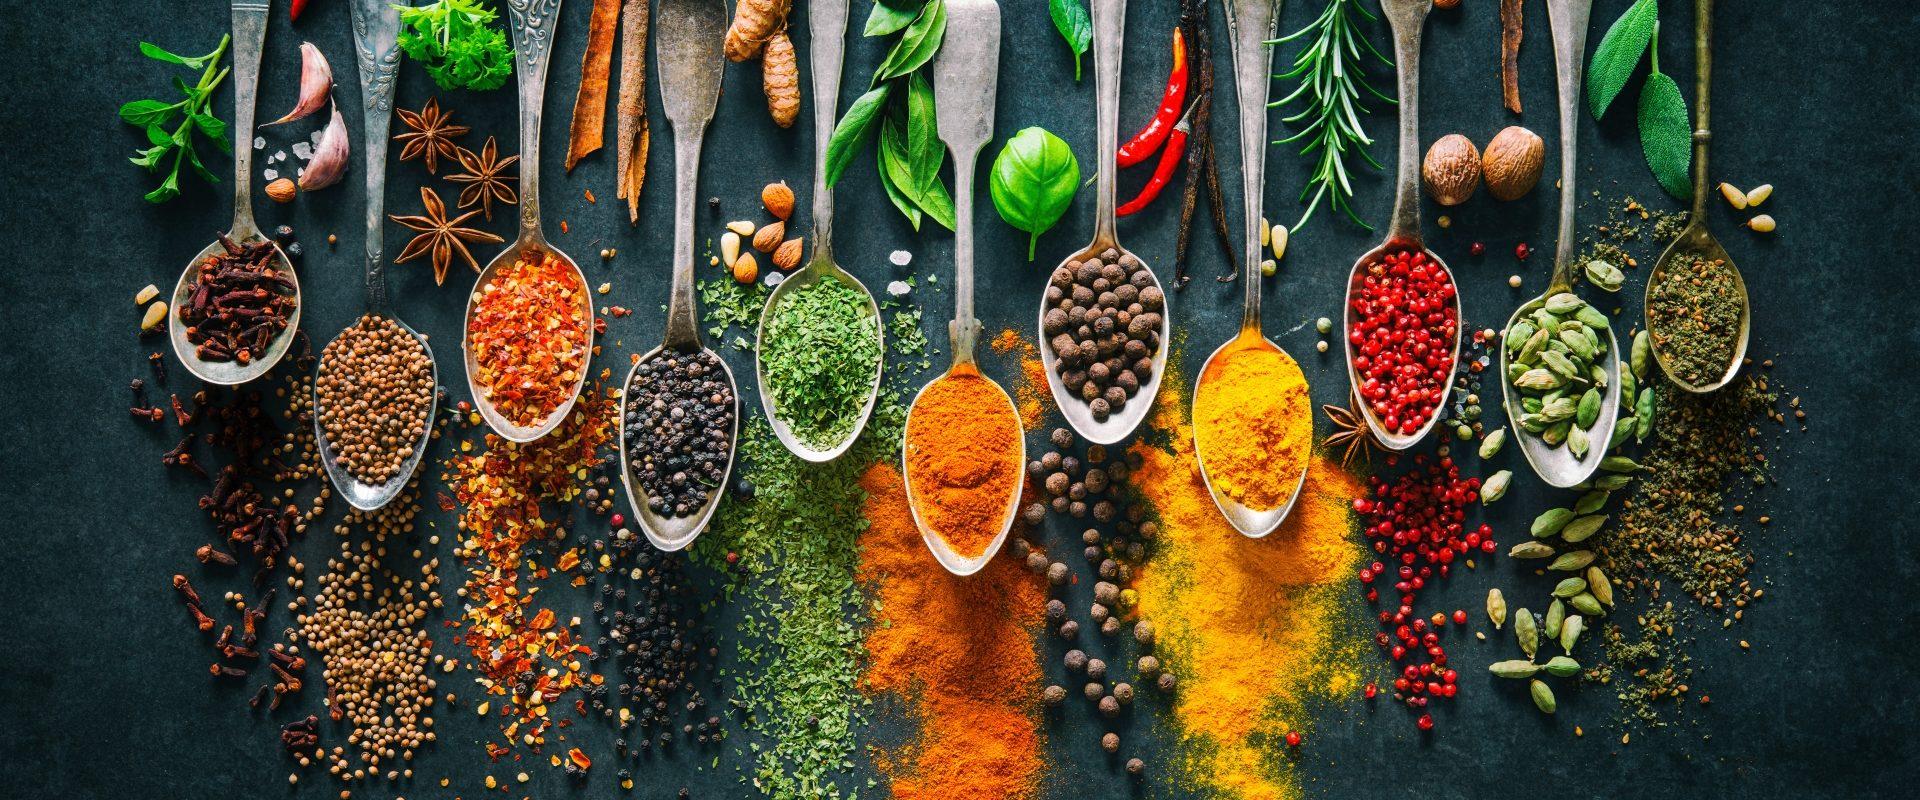 Jak gotować jesienią według medycyny chińskiej? Rozgrzewające przyprawy i zioła na ułożonych obok siebie łyżeczkach i czarnym tle.